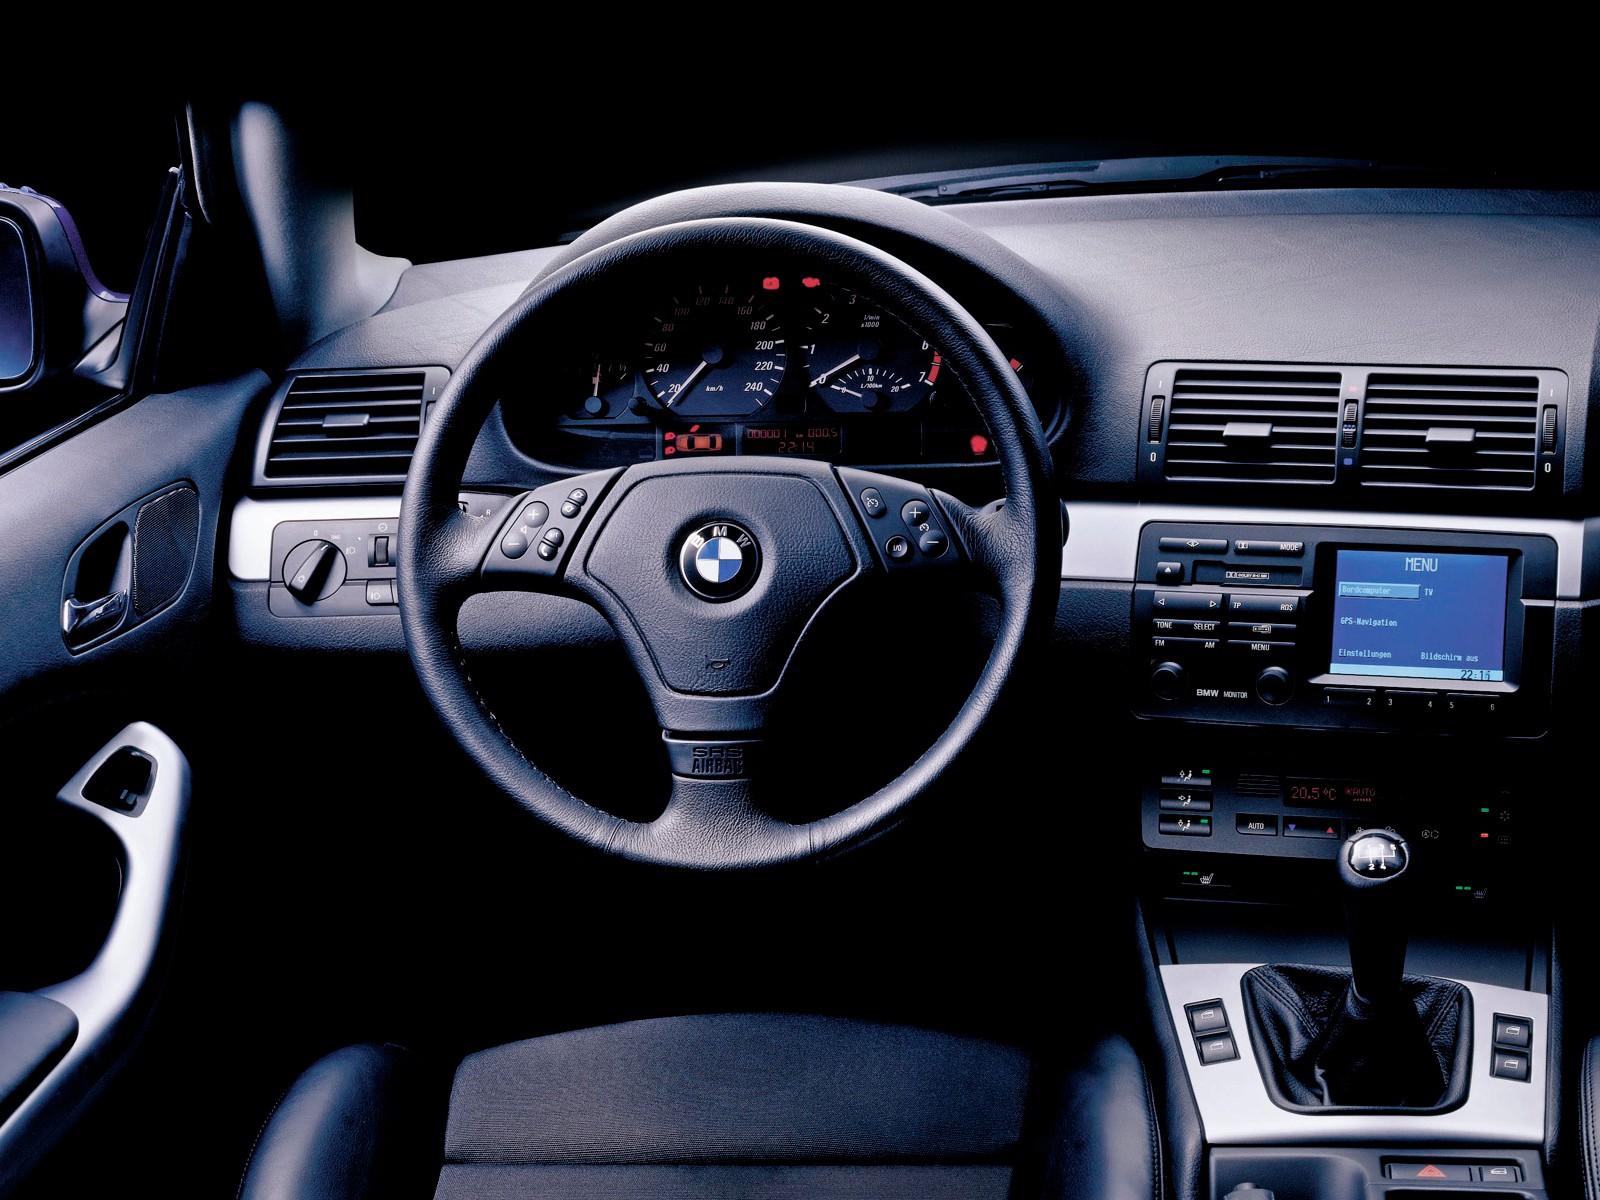 Немедленно прекратить эксплуатацию! BMW отзывает в России старые «трёшки»